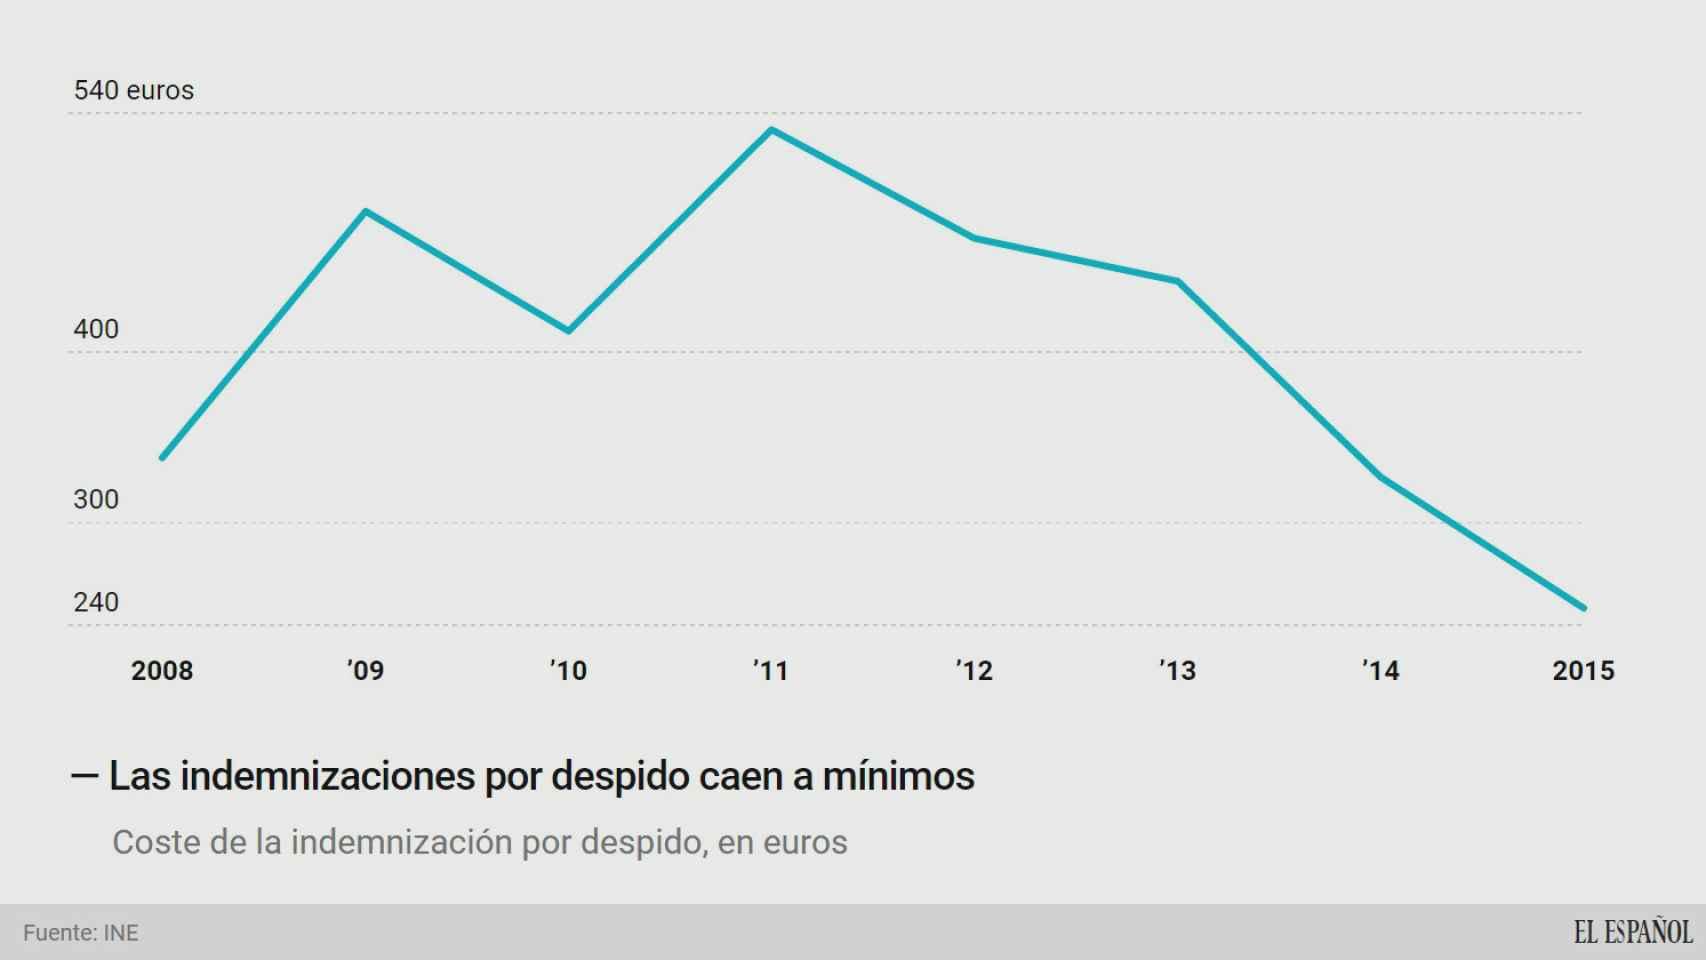 Las indemnizaciones por despido cayeron a mínimos en 2015 hasta 250 euros